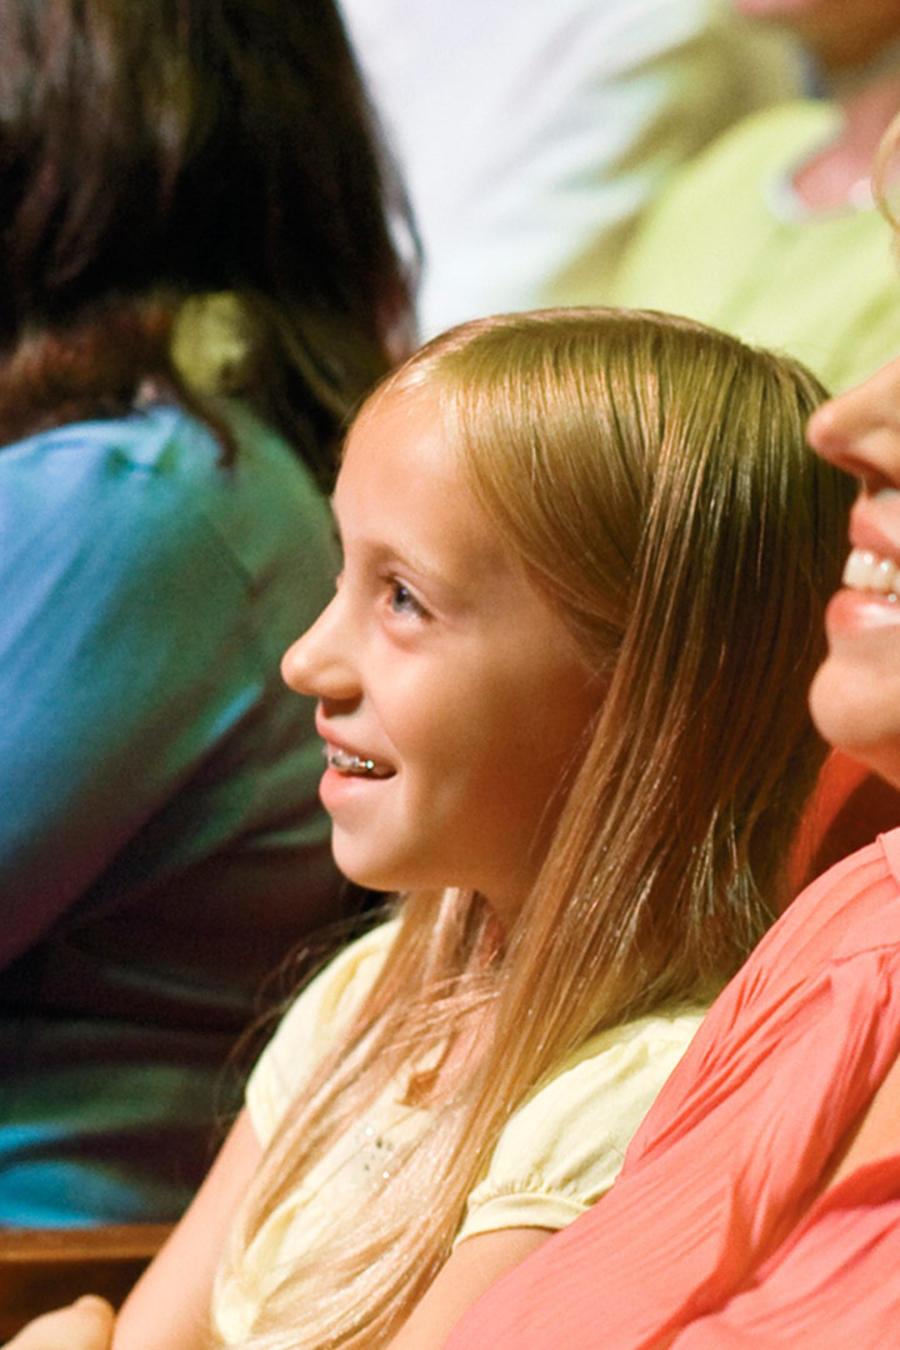 Madre e hija en el cine